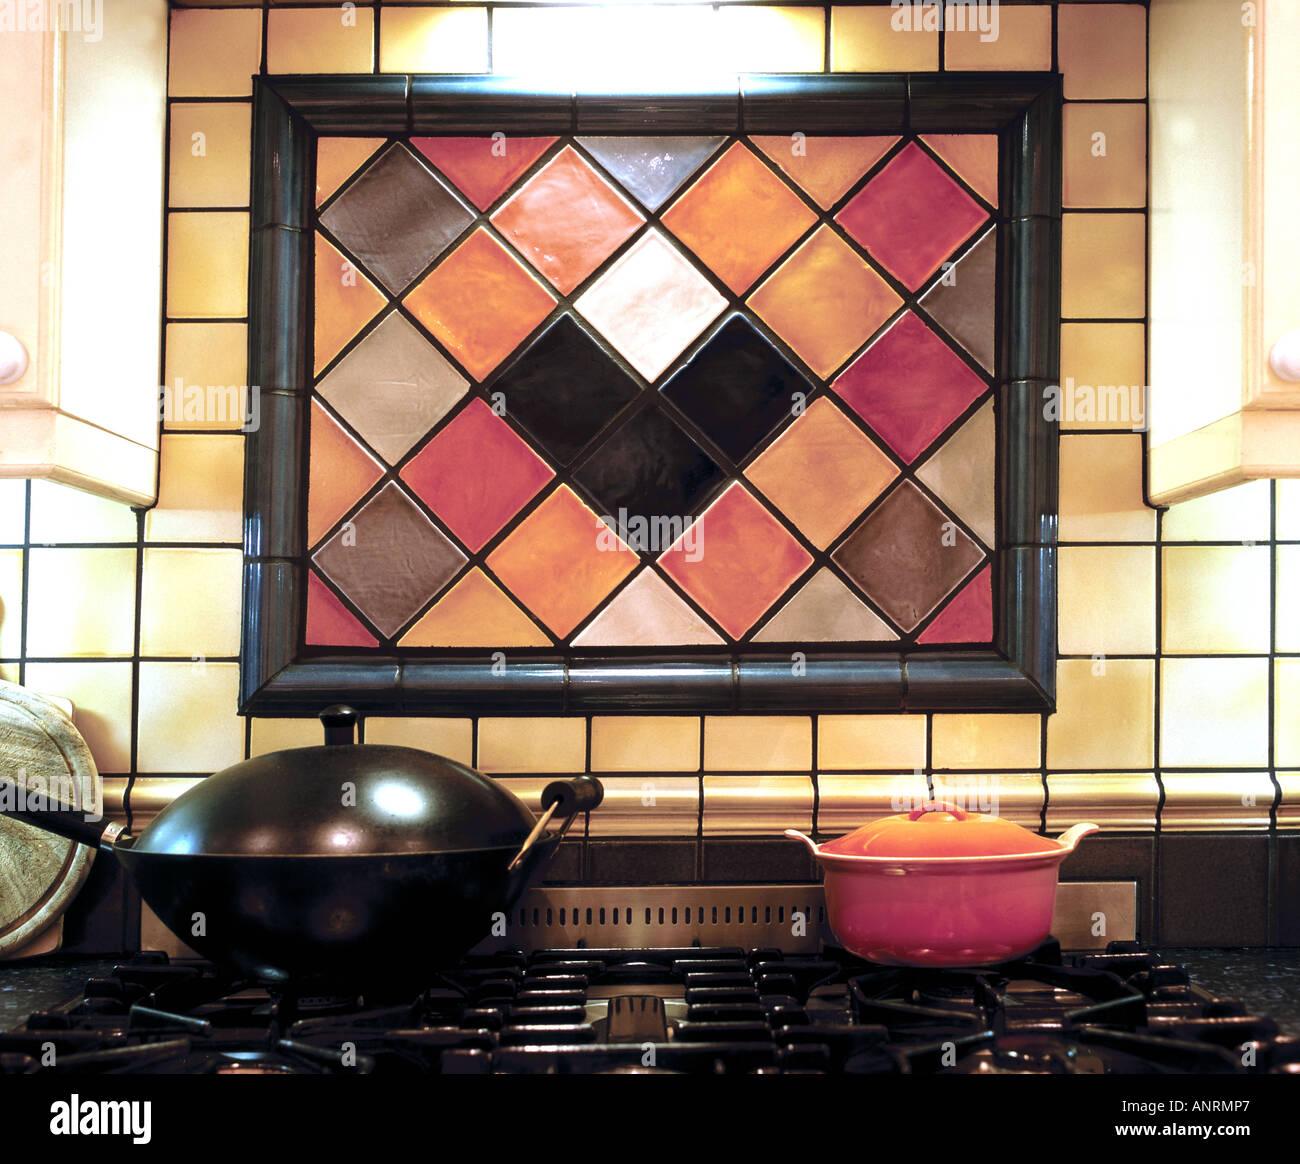 Tiling arrangement behind kitchen cooker - London - Stock Image